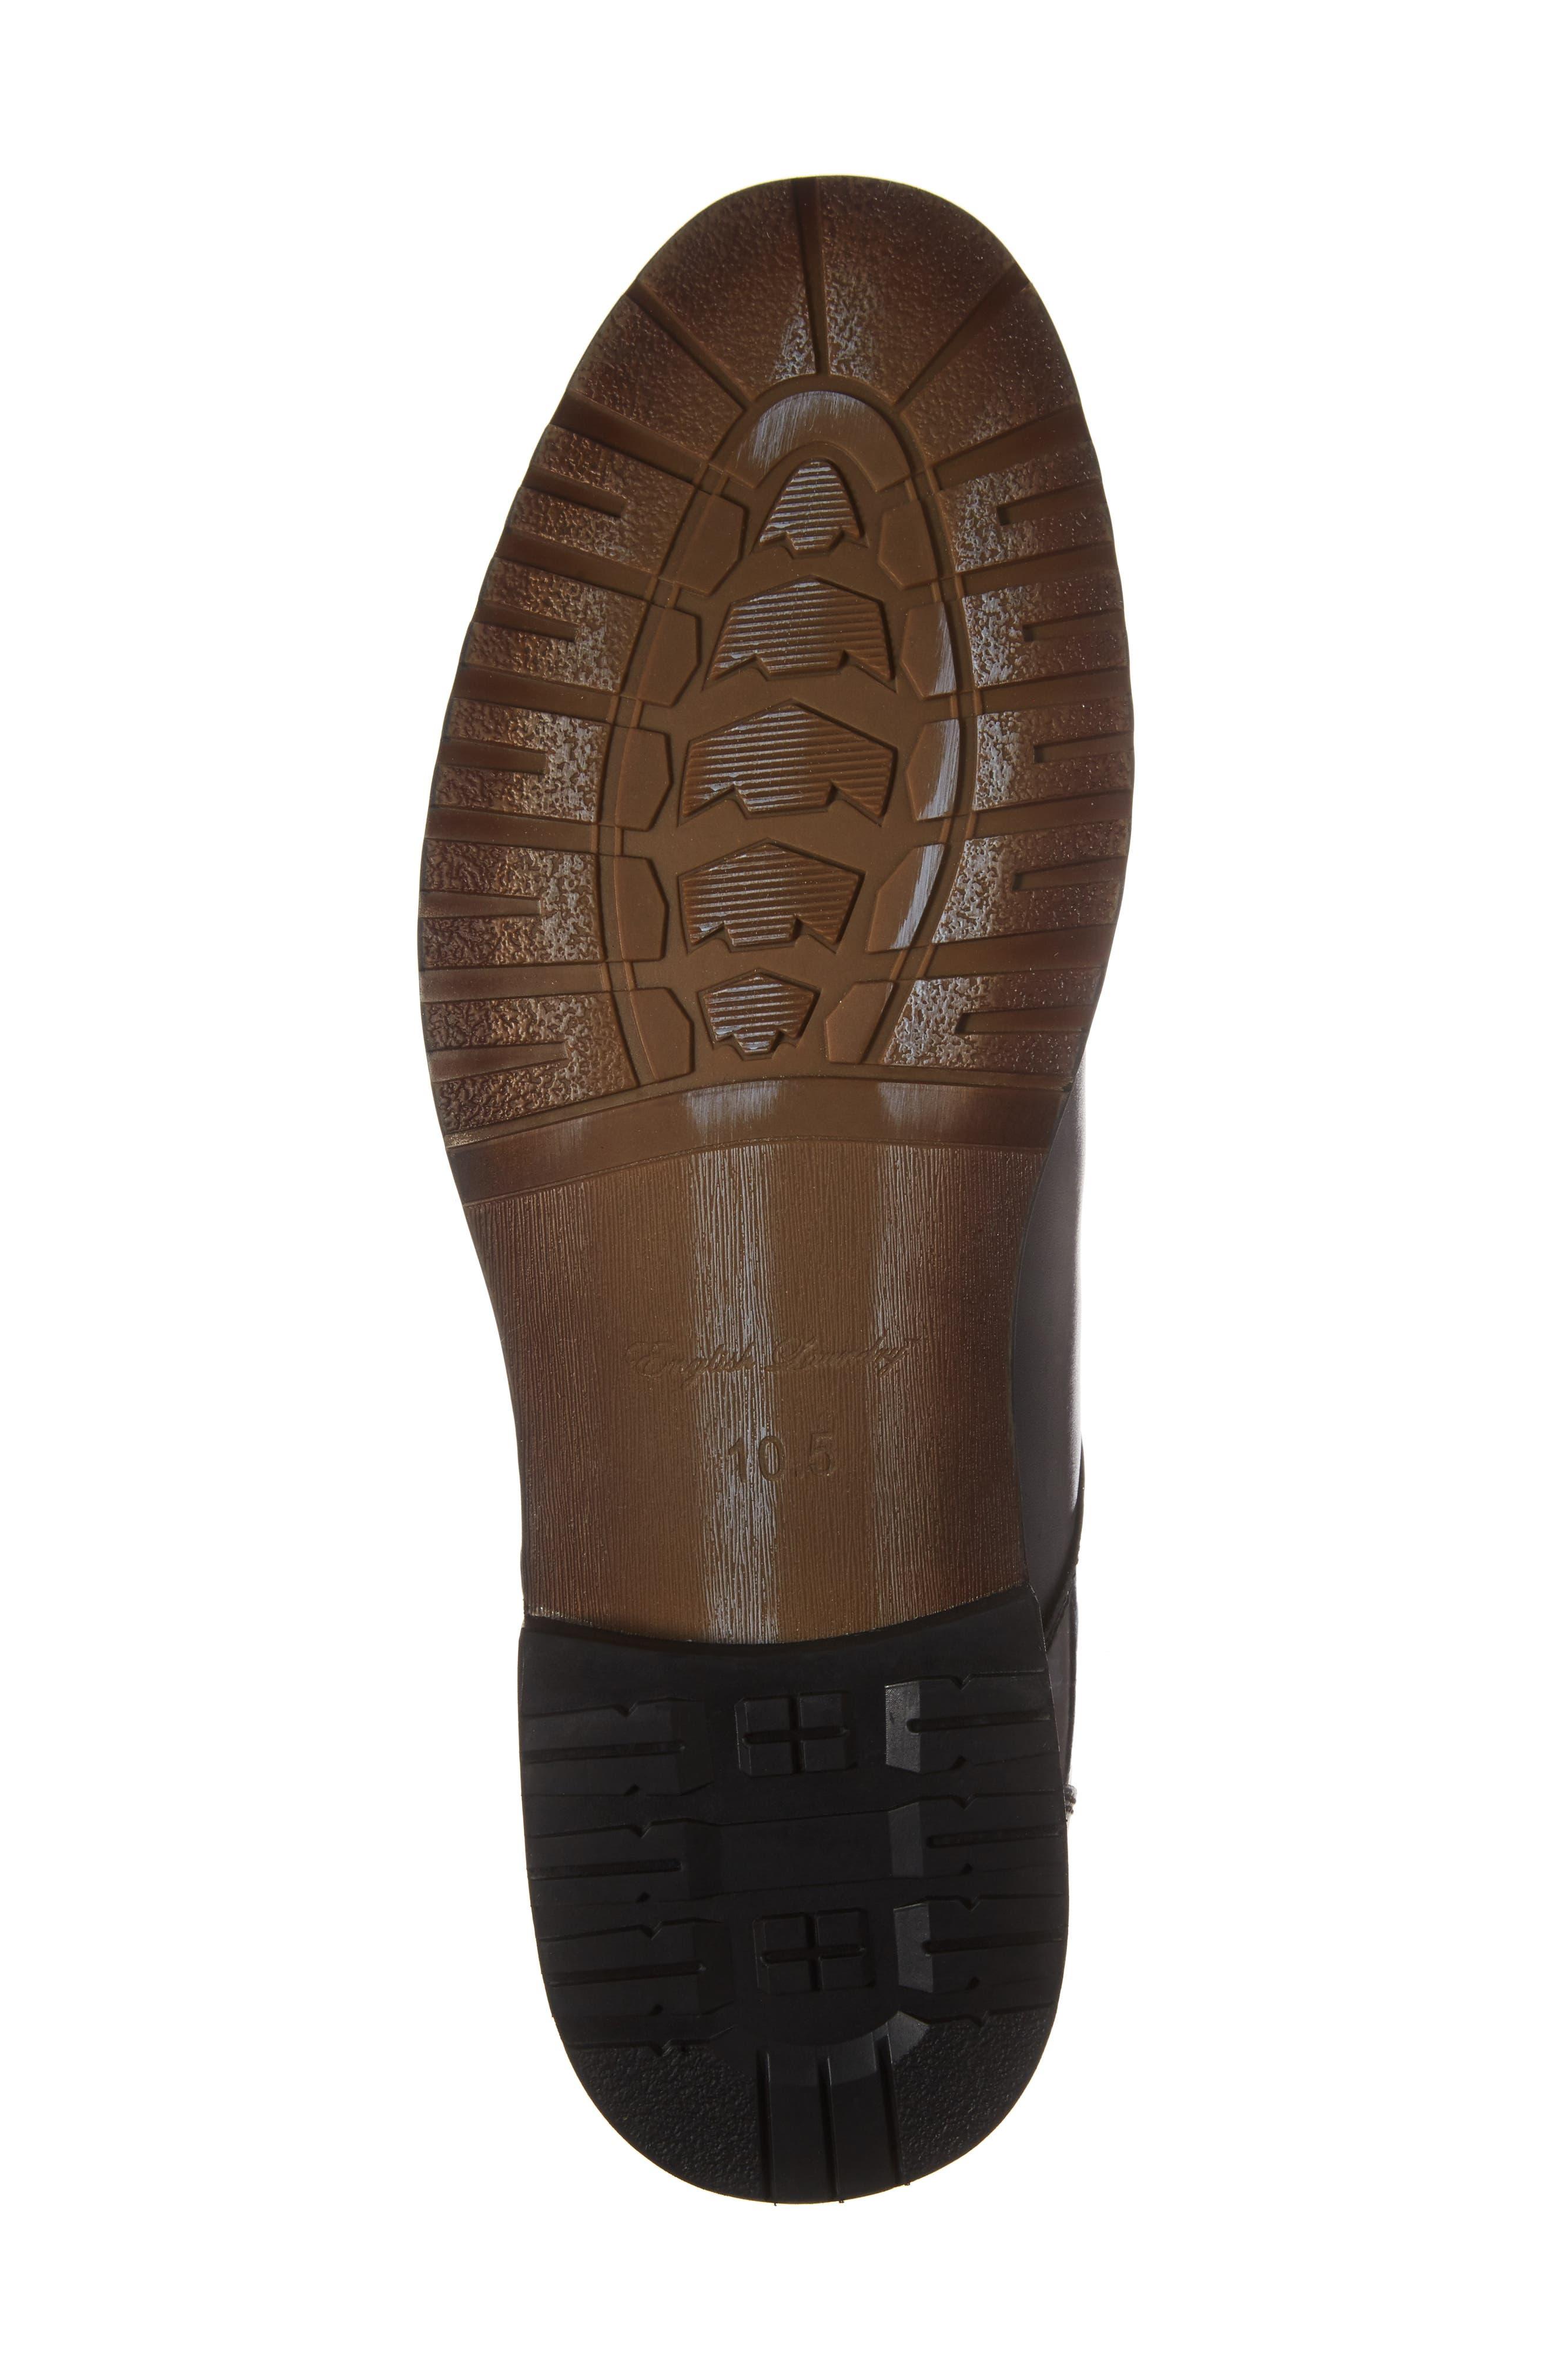 Athol Plain Toe Boot,                             Alternate thumbnail 6, color,                             Black Leather